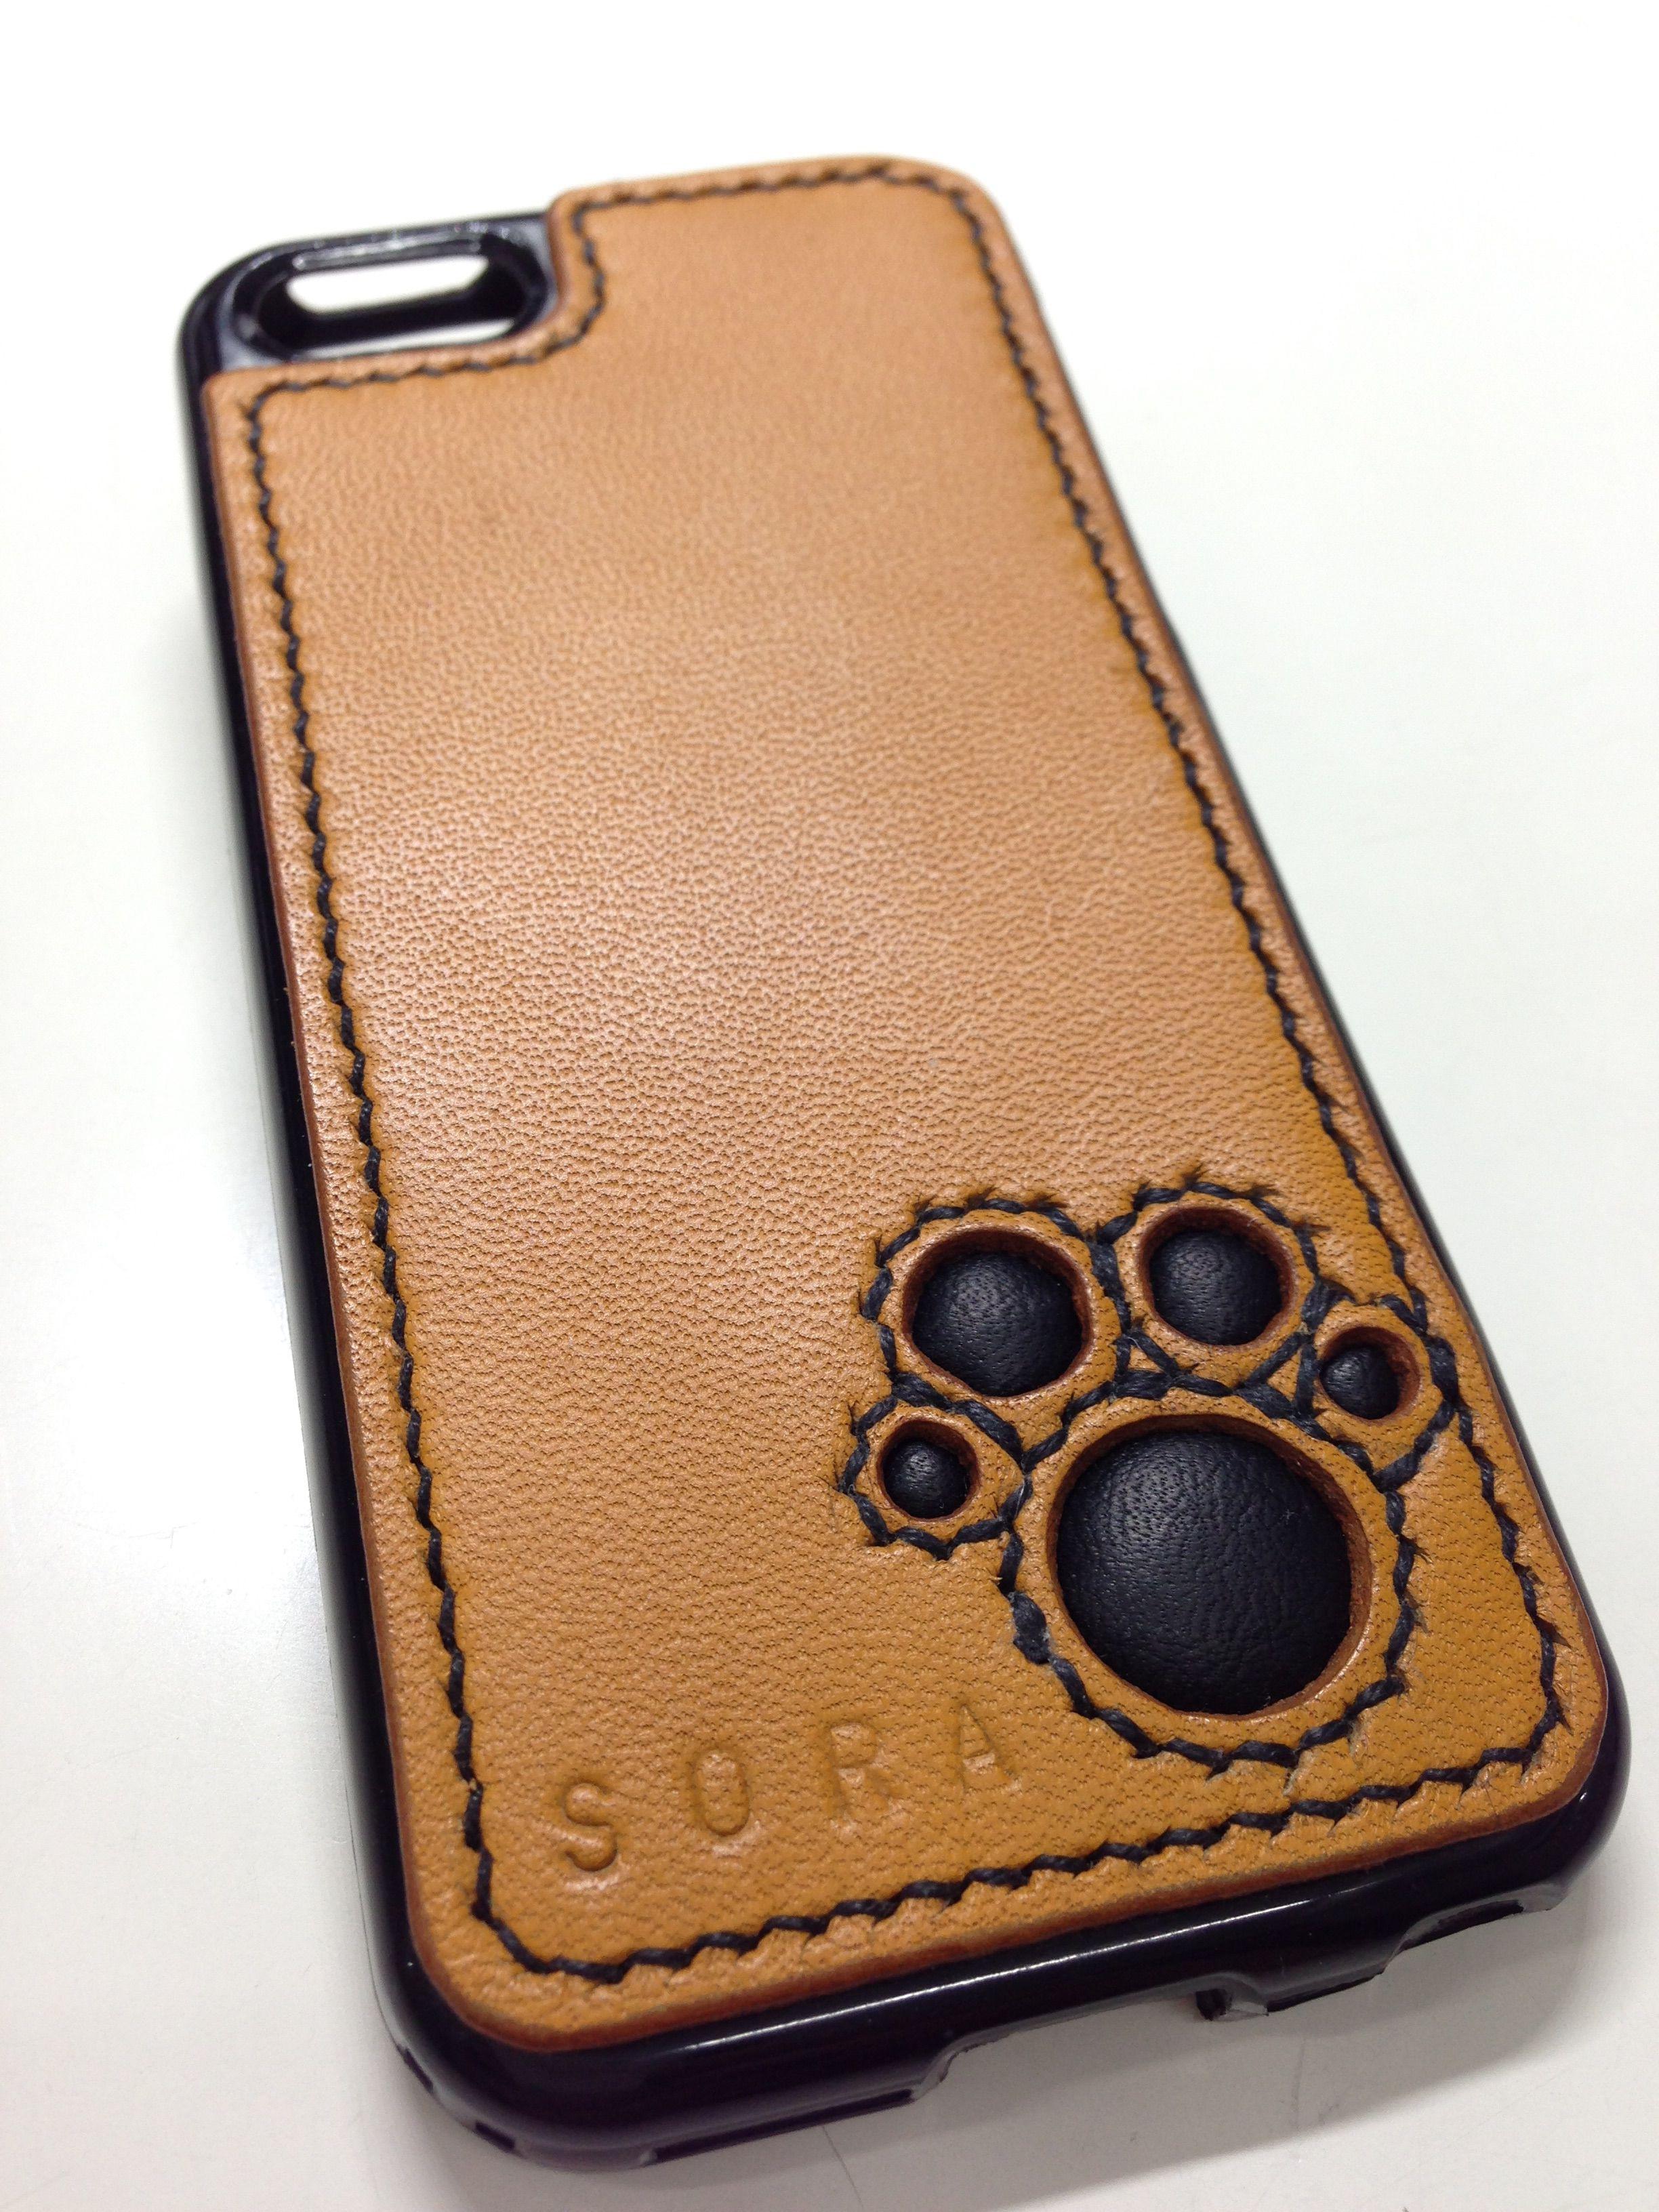 iPhone6カバーケース 愛犬・愛ネコネーム入れ